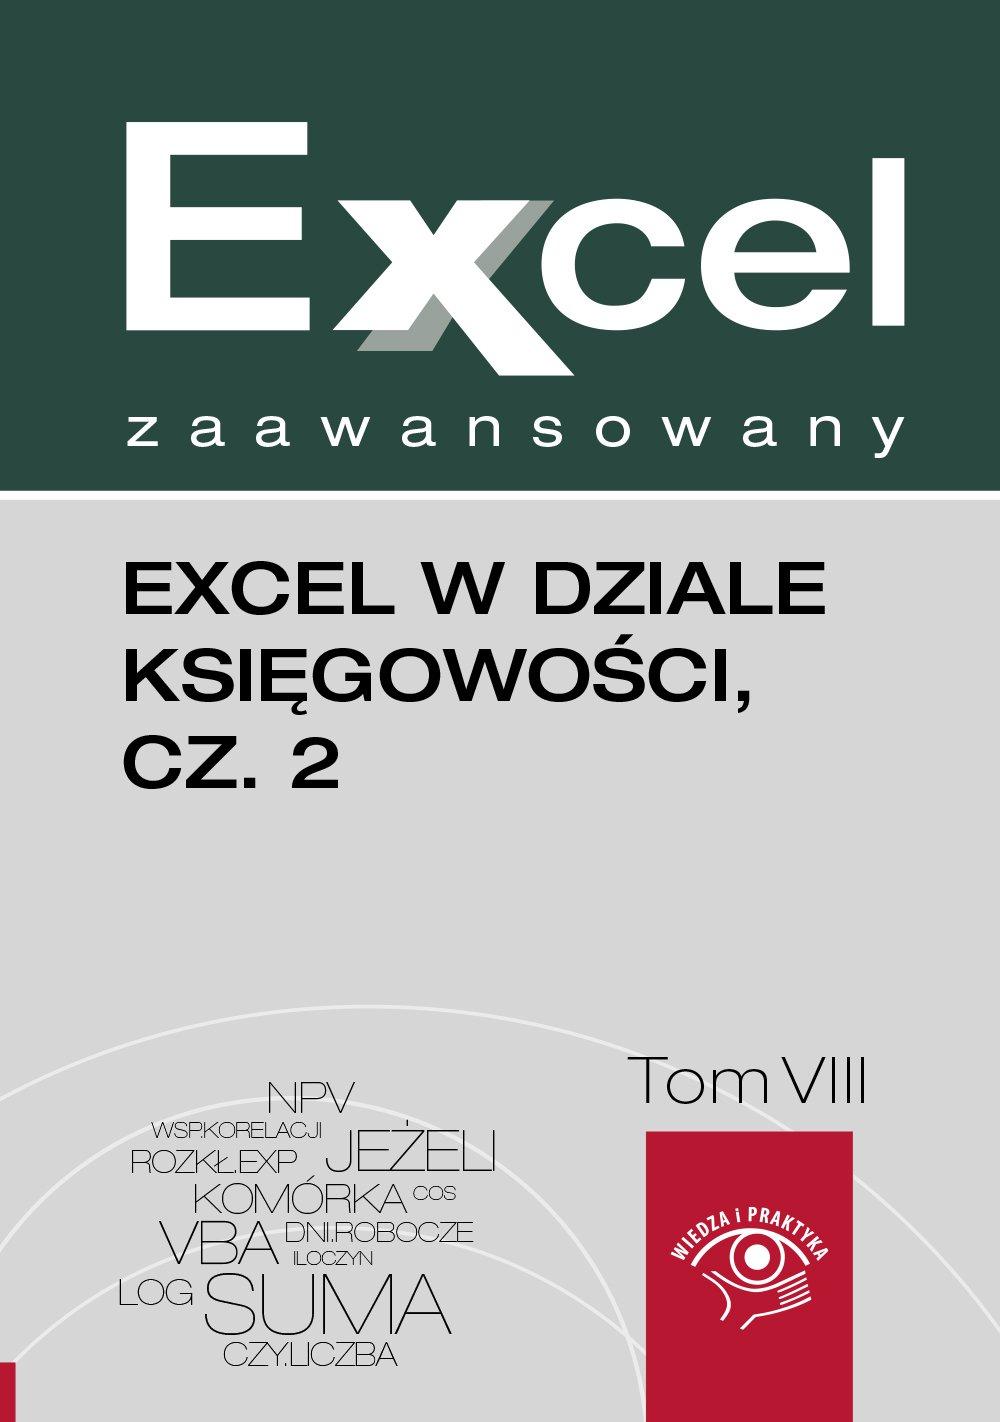 Excel w dziale księgowości. Część 2 - Ebook (Książka PDF) do pobrania w formacie PDF